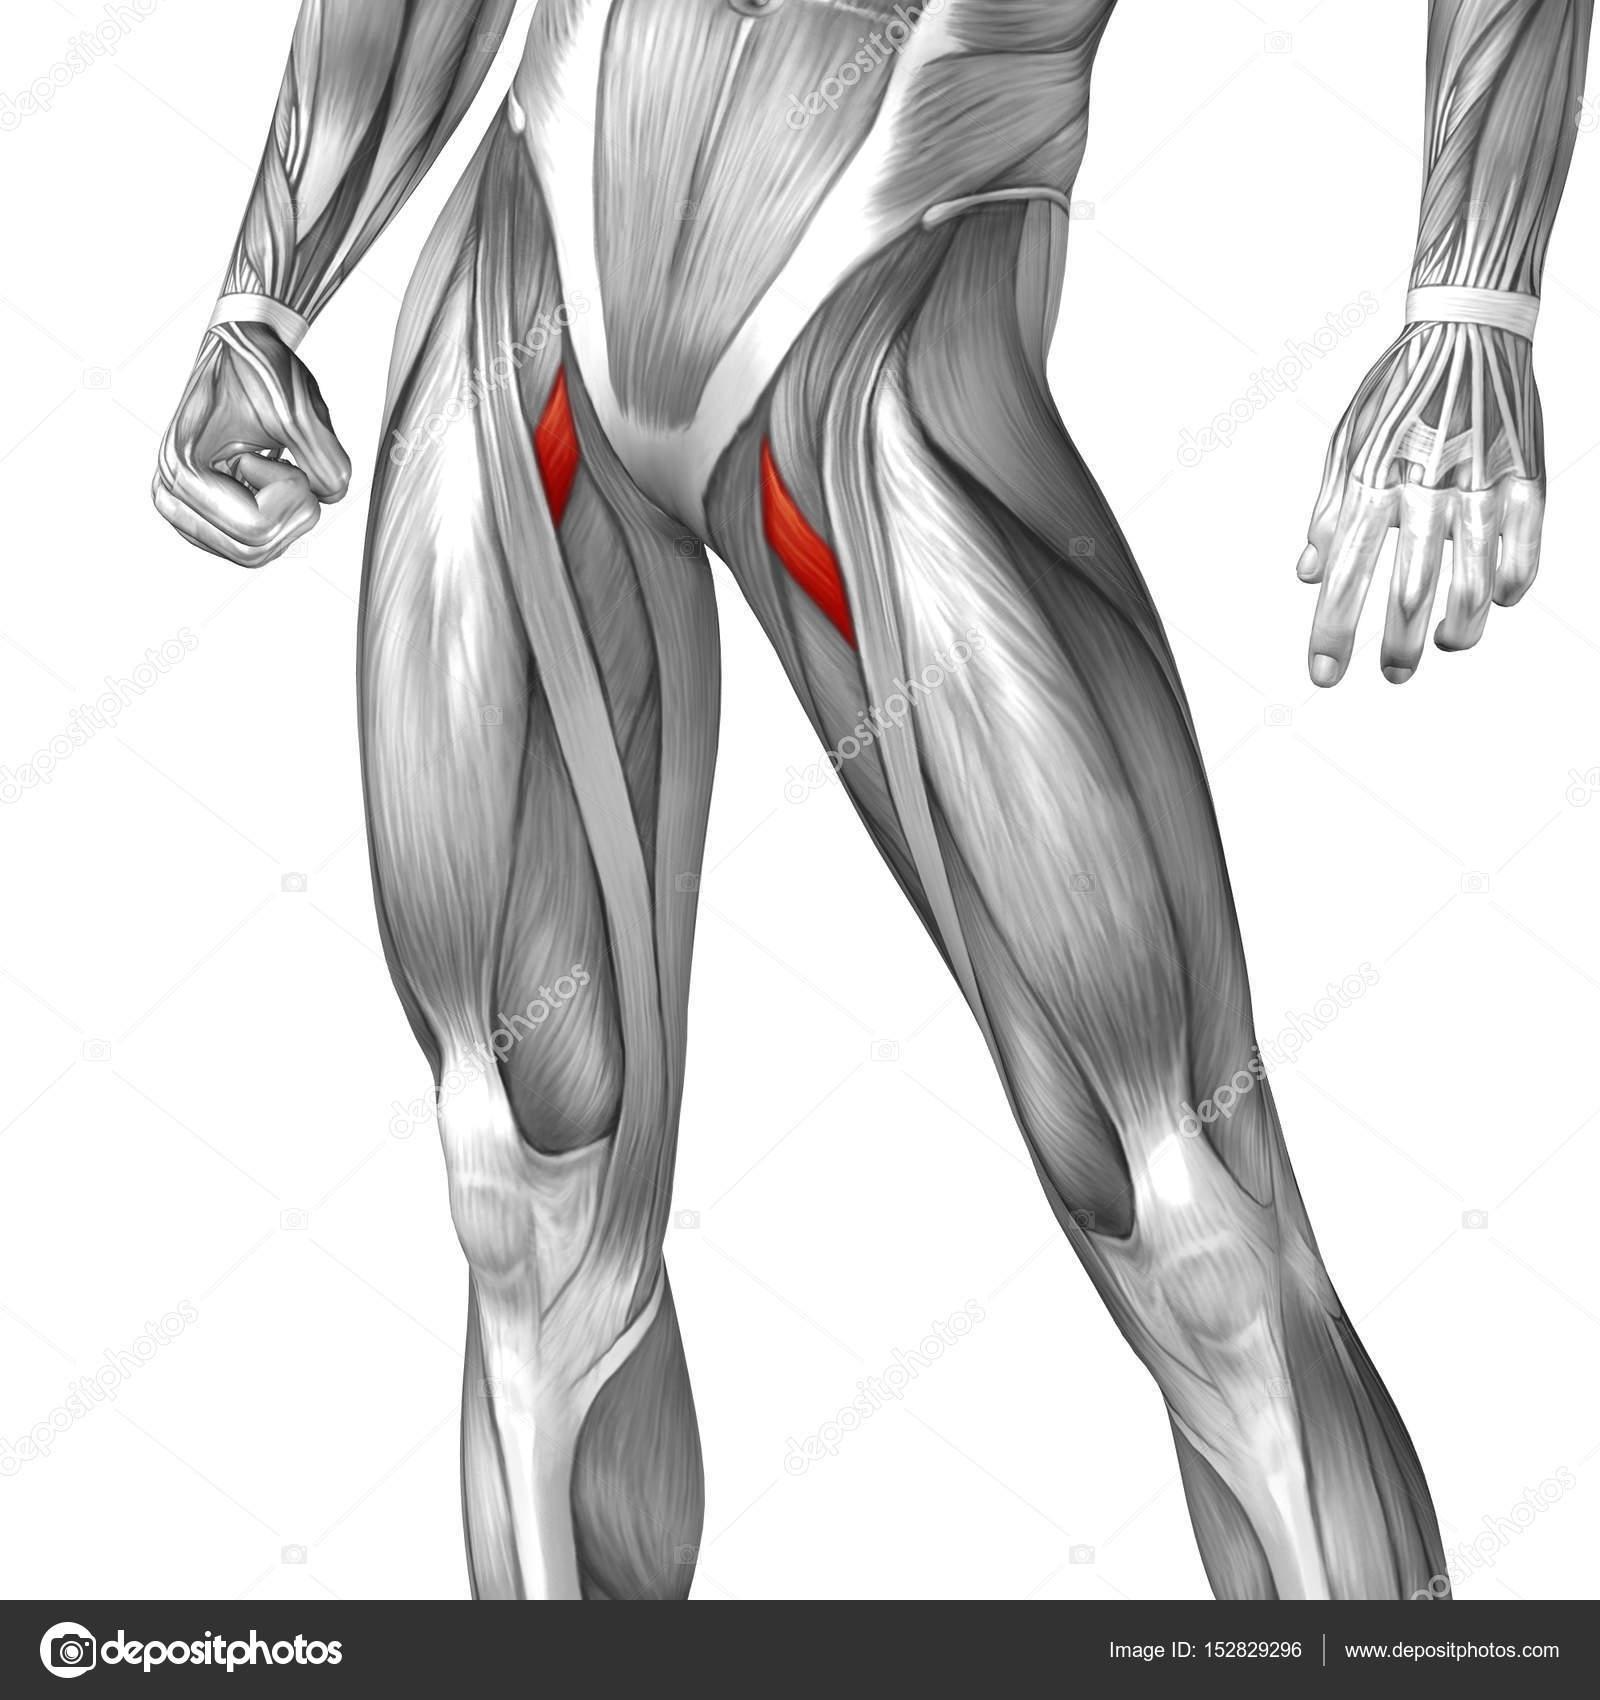 menschliche Oberschenkel-Anatomie — Stockfoto © design36 #152829296